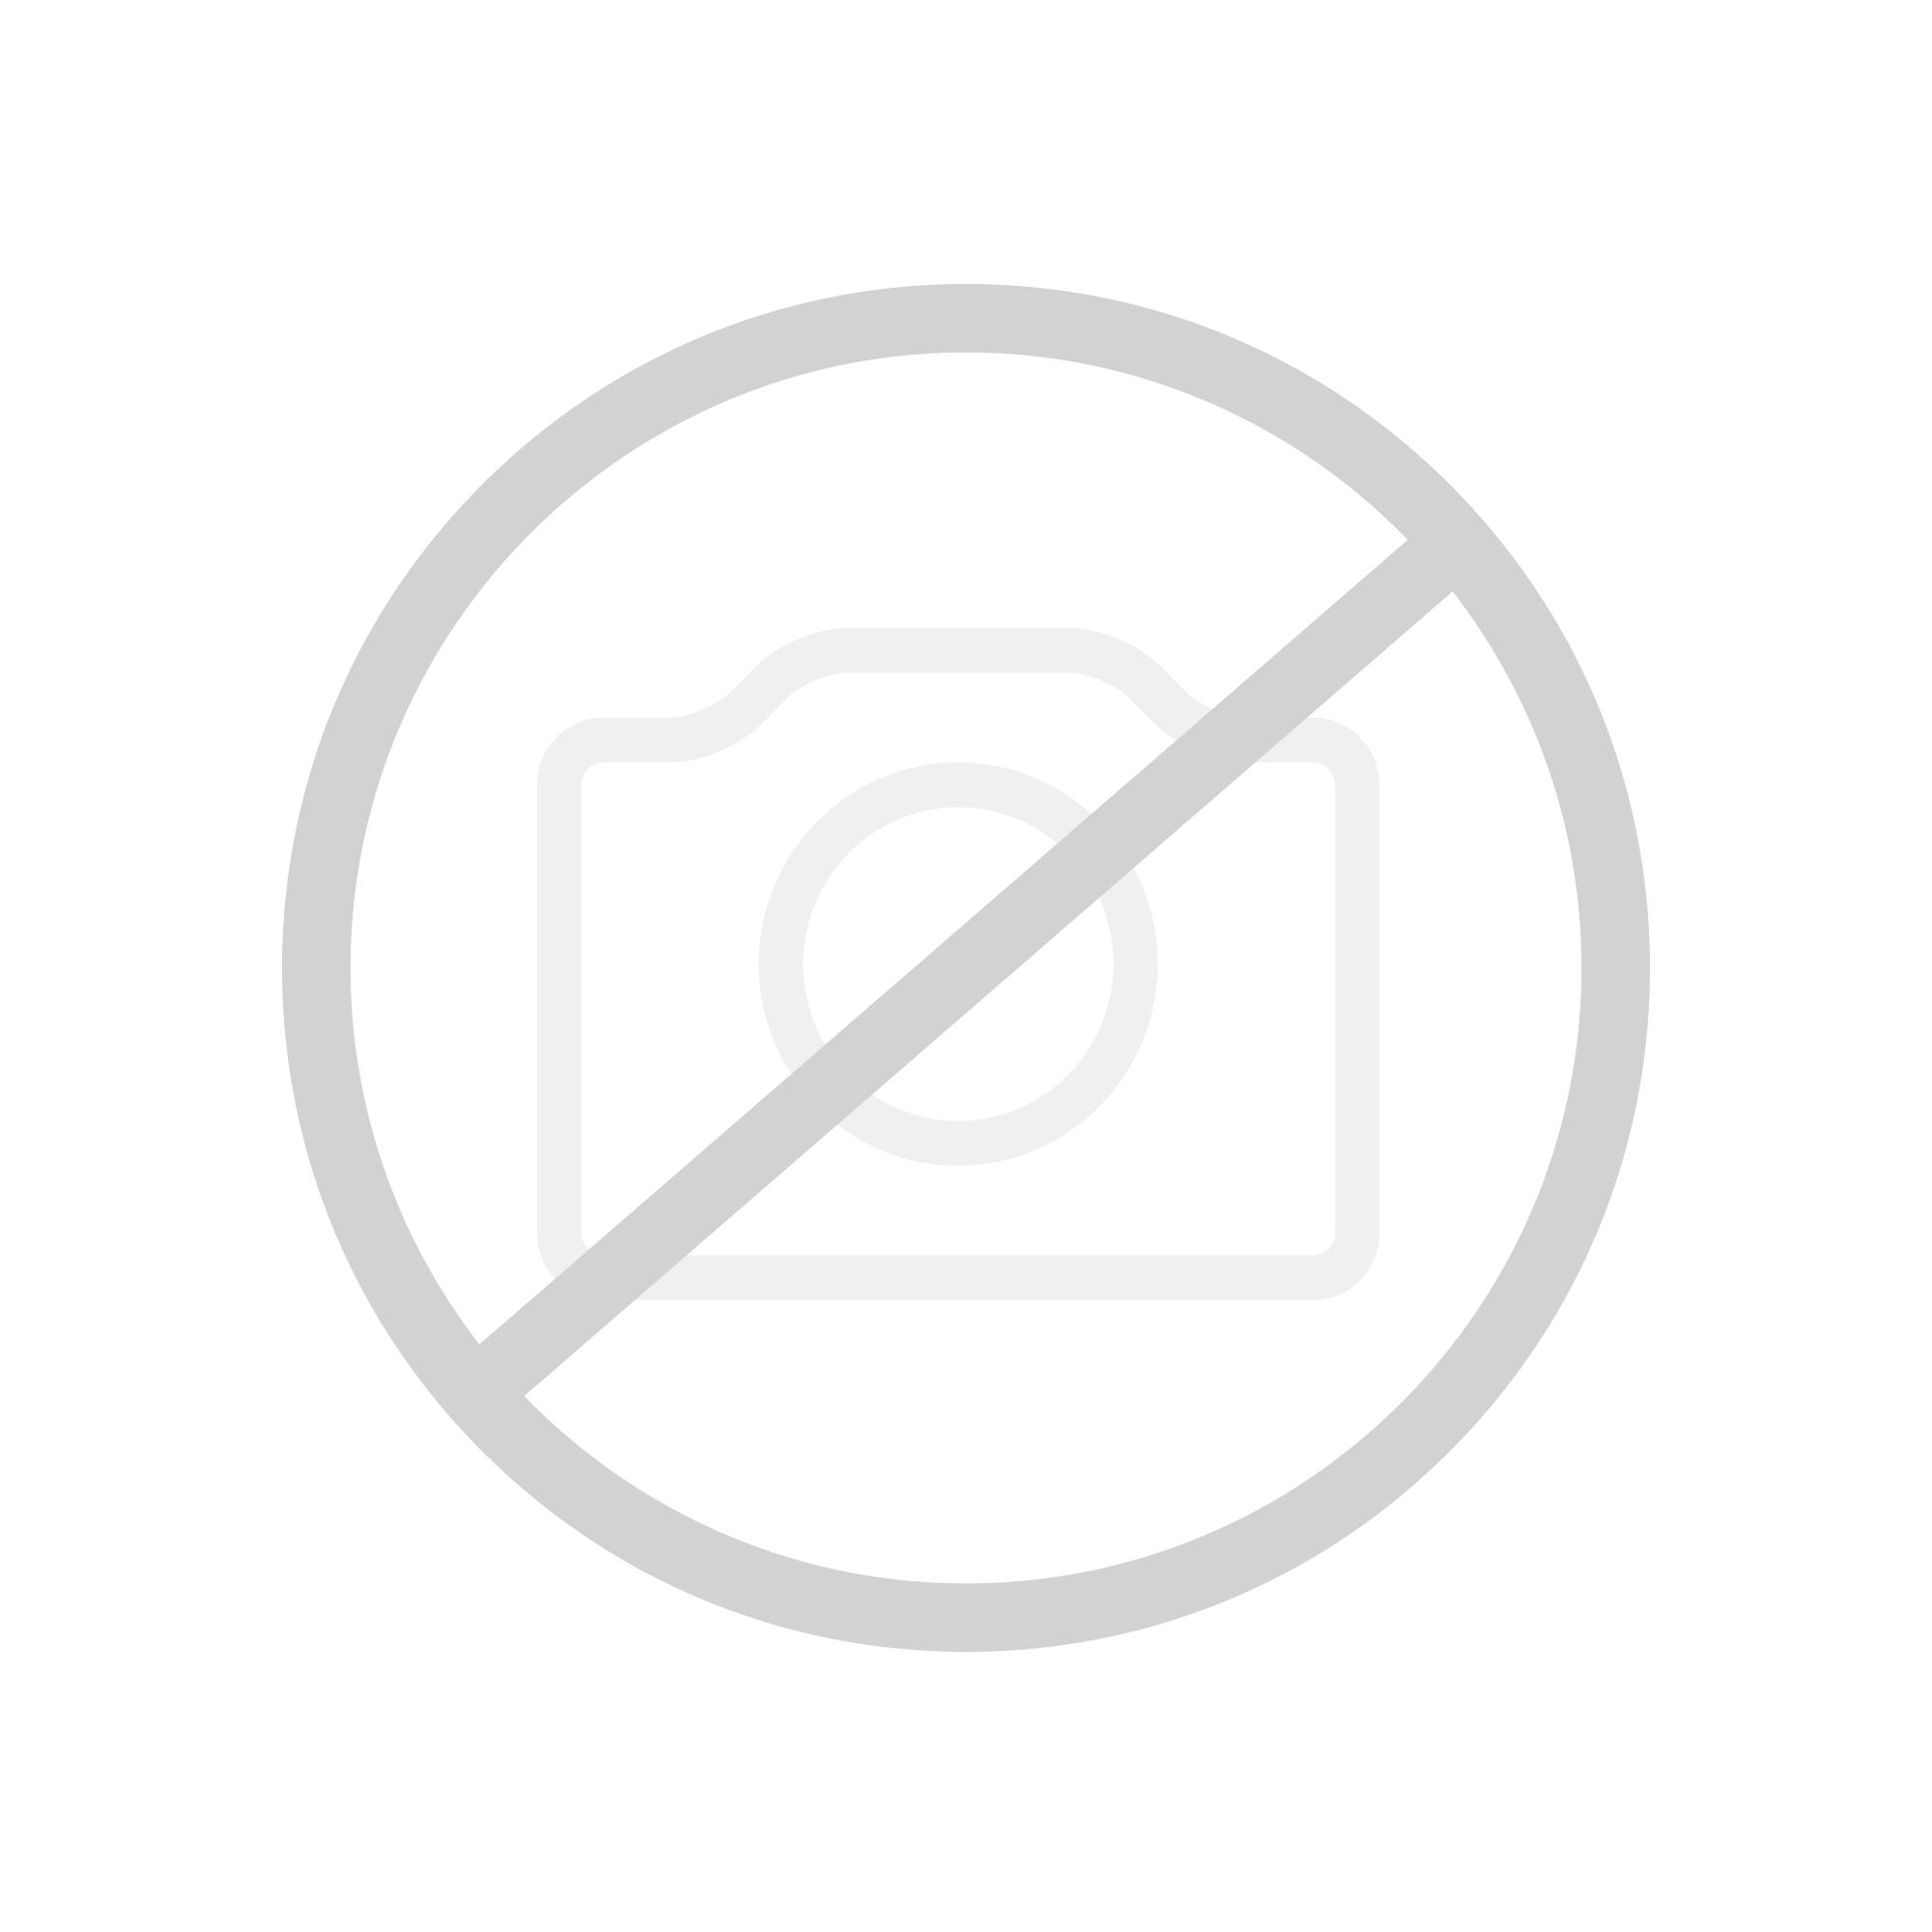 Blanco Linus-S Einhebelmischer, Ausladung 219 mm, für Niederdruck, Auslauf ausziehbar chrom